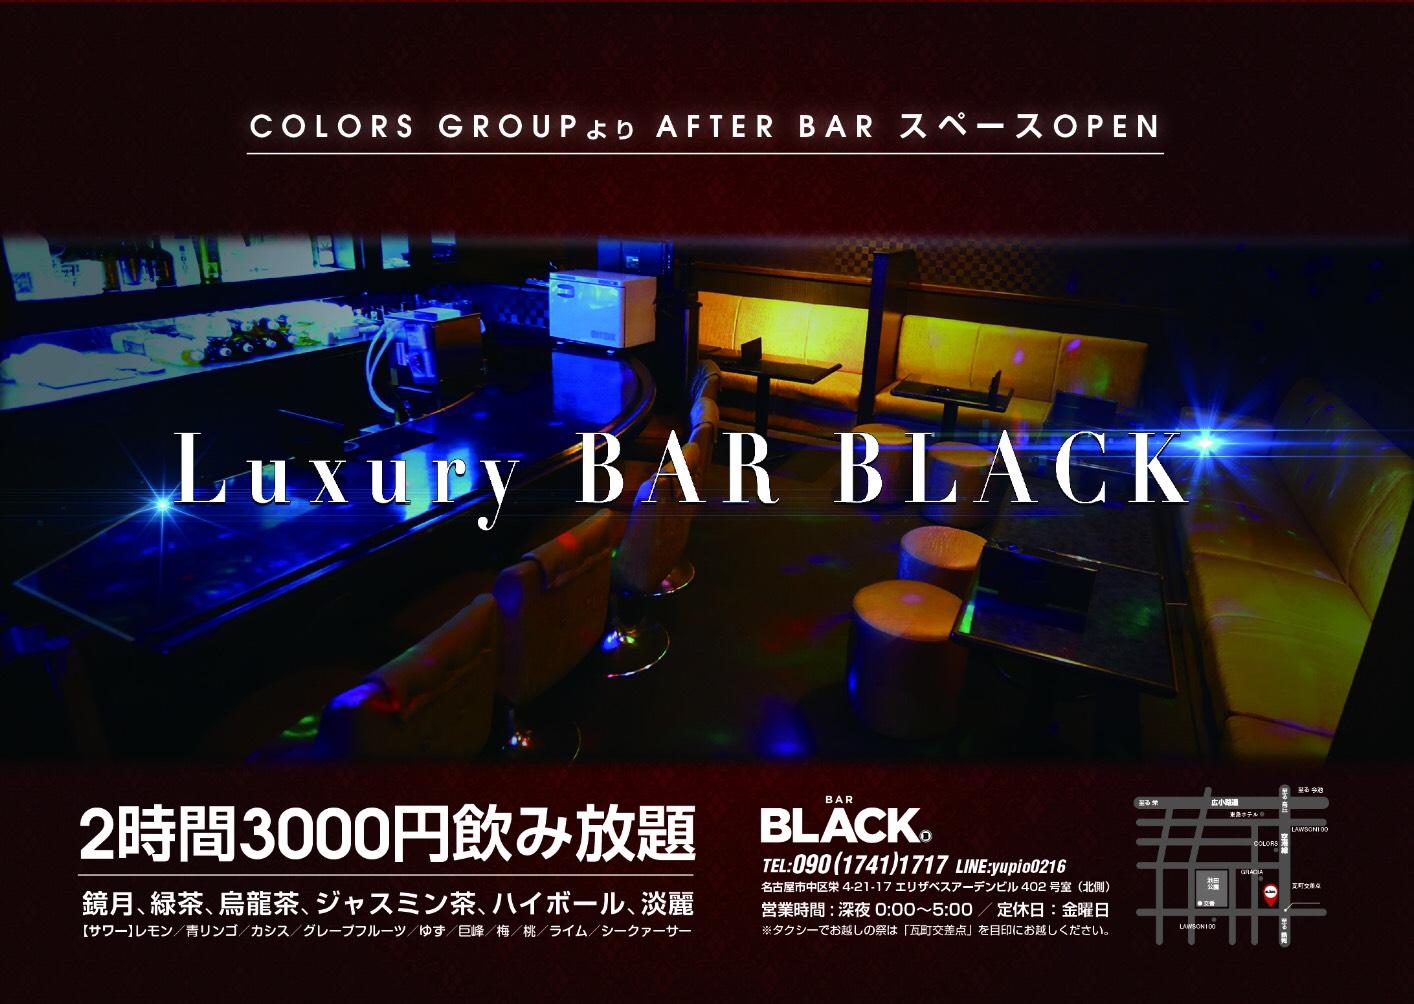 BAR BLACK